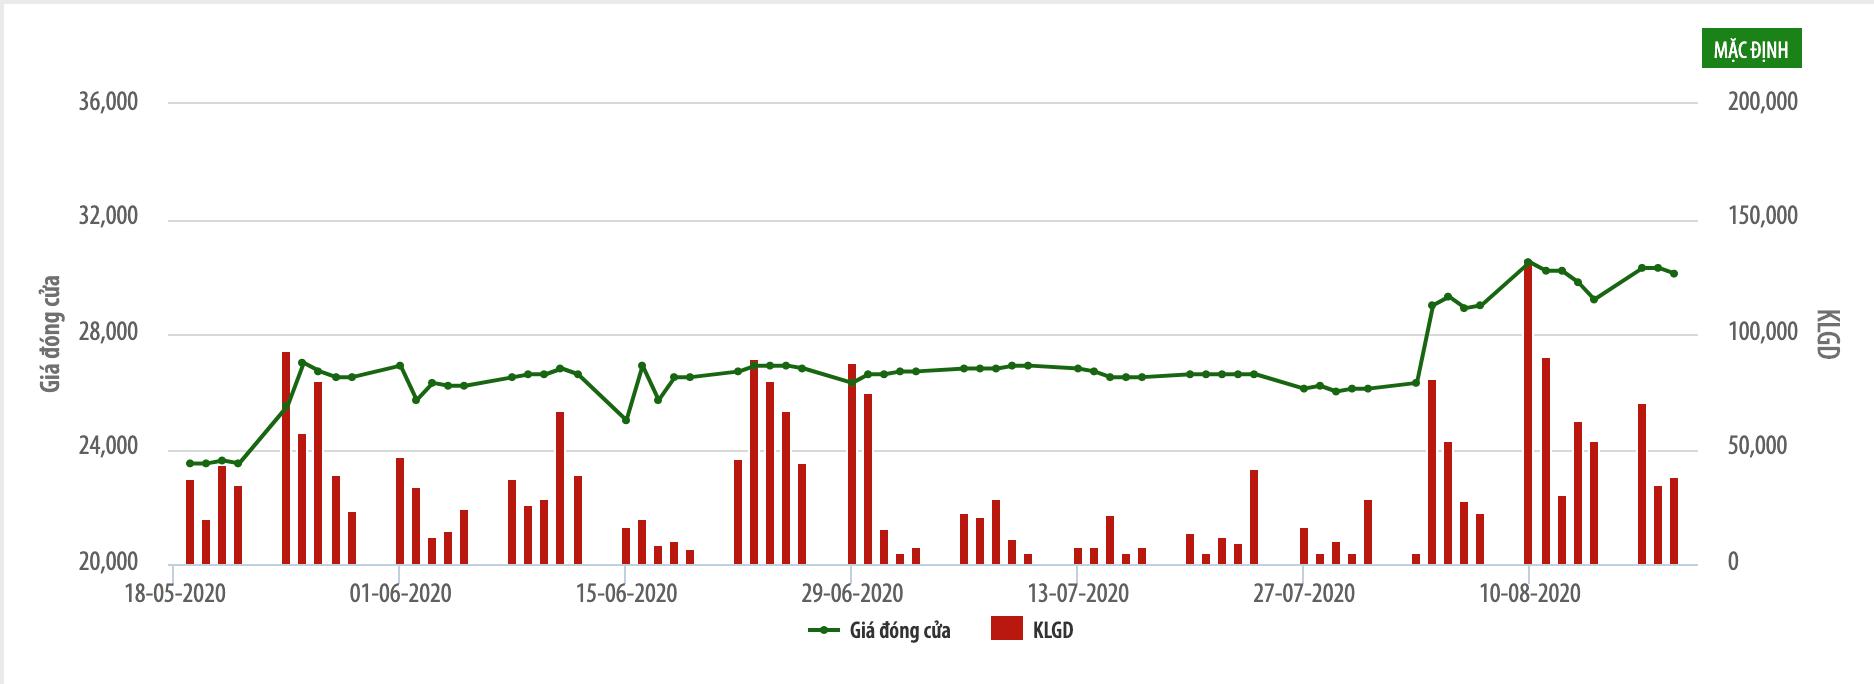 Becamex IDC chốt ngày giao dịch trên HOSE, giá tham chiếu 28.000 đồng/cp - Ảnh 1.